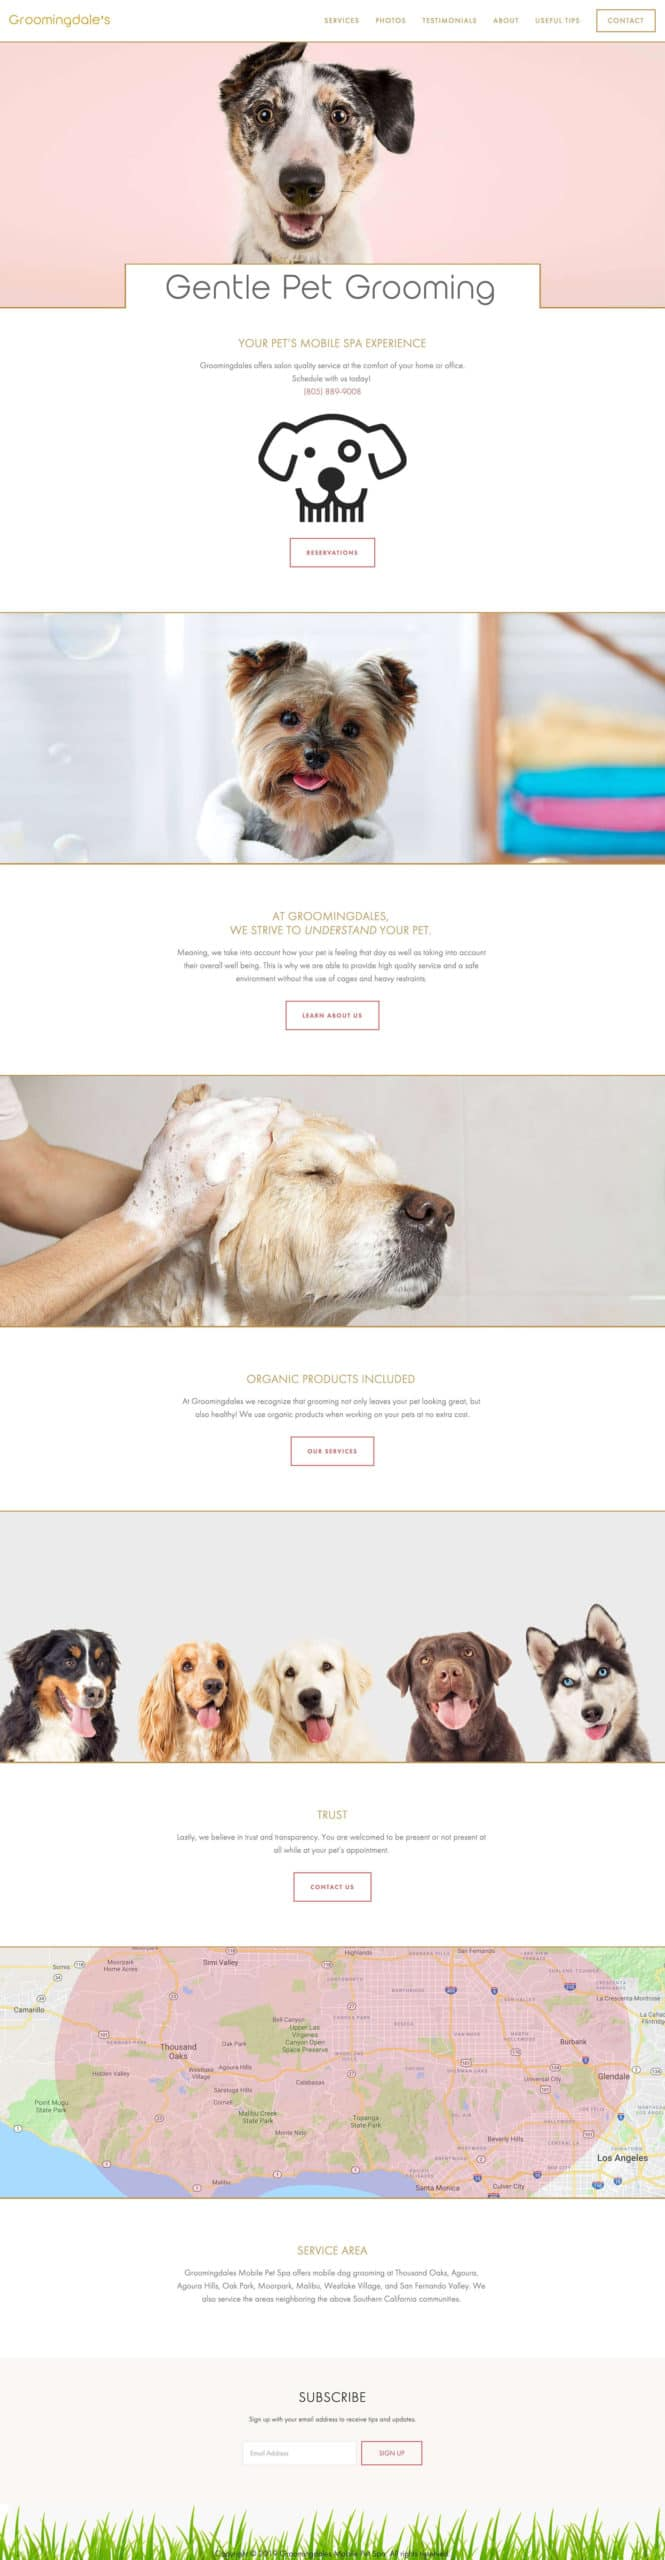 Groomingdales Website Design Homepage